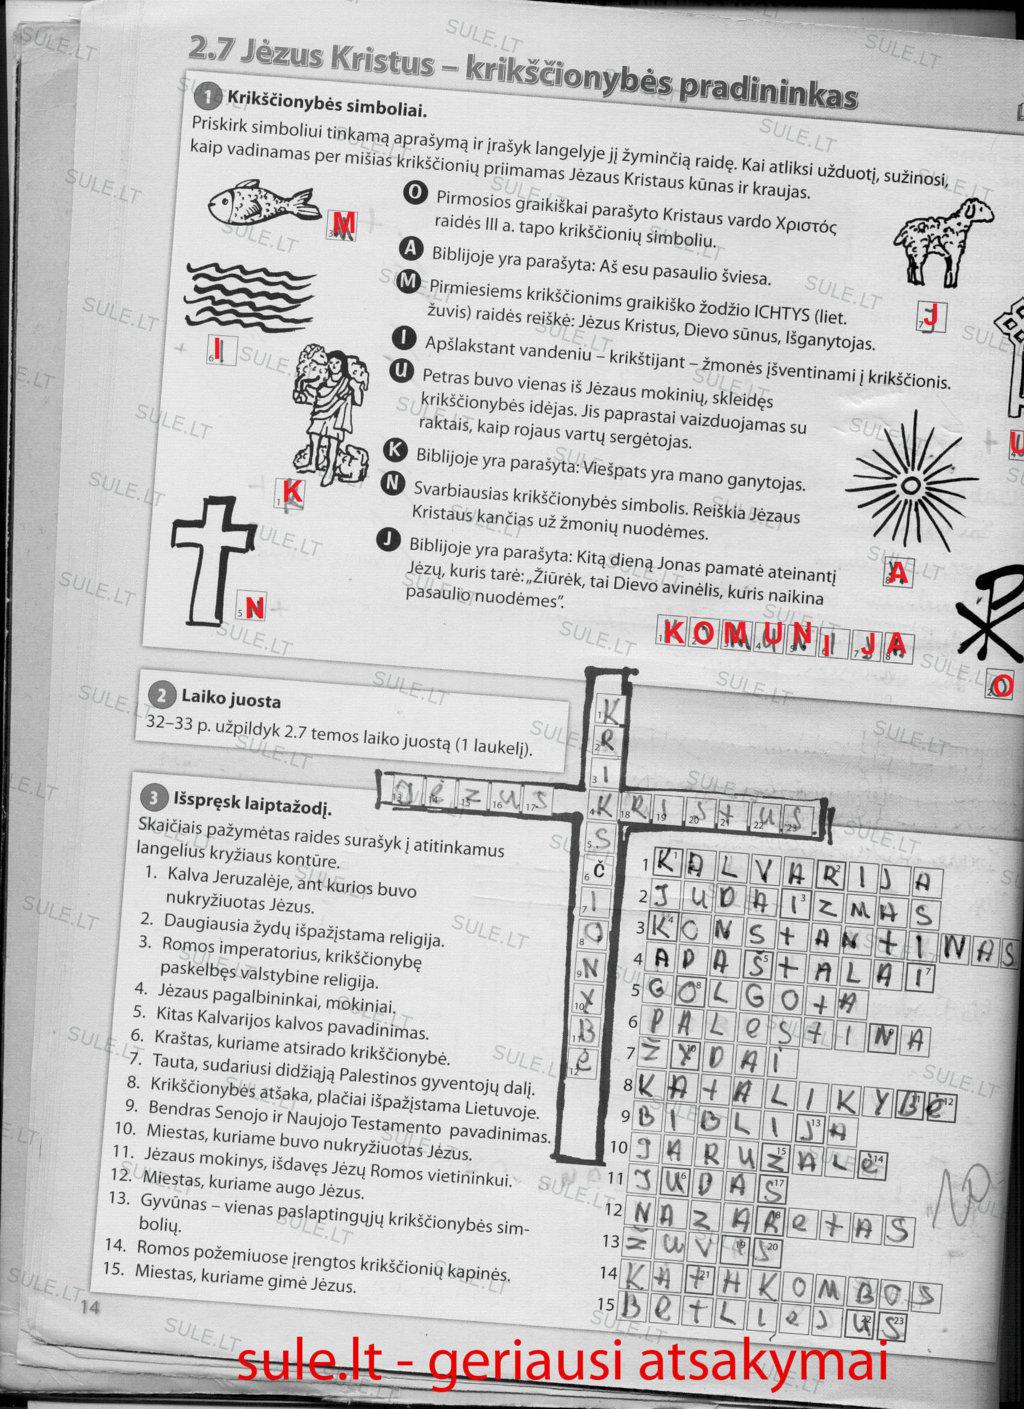 Peržiūrėti puslapį 13